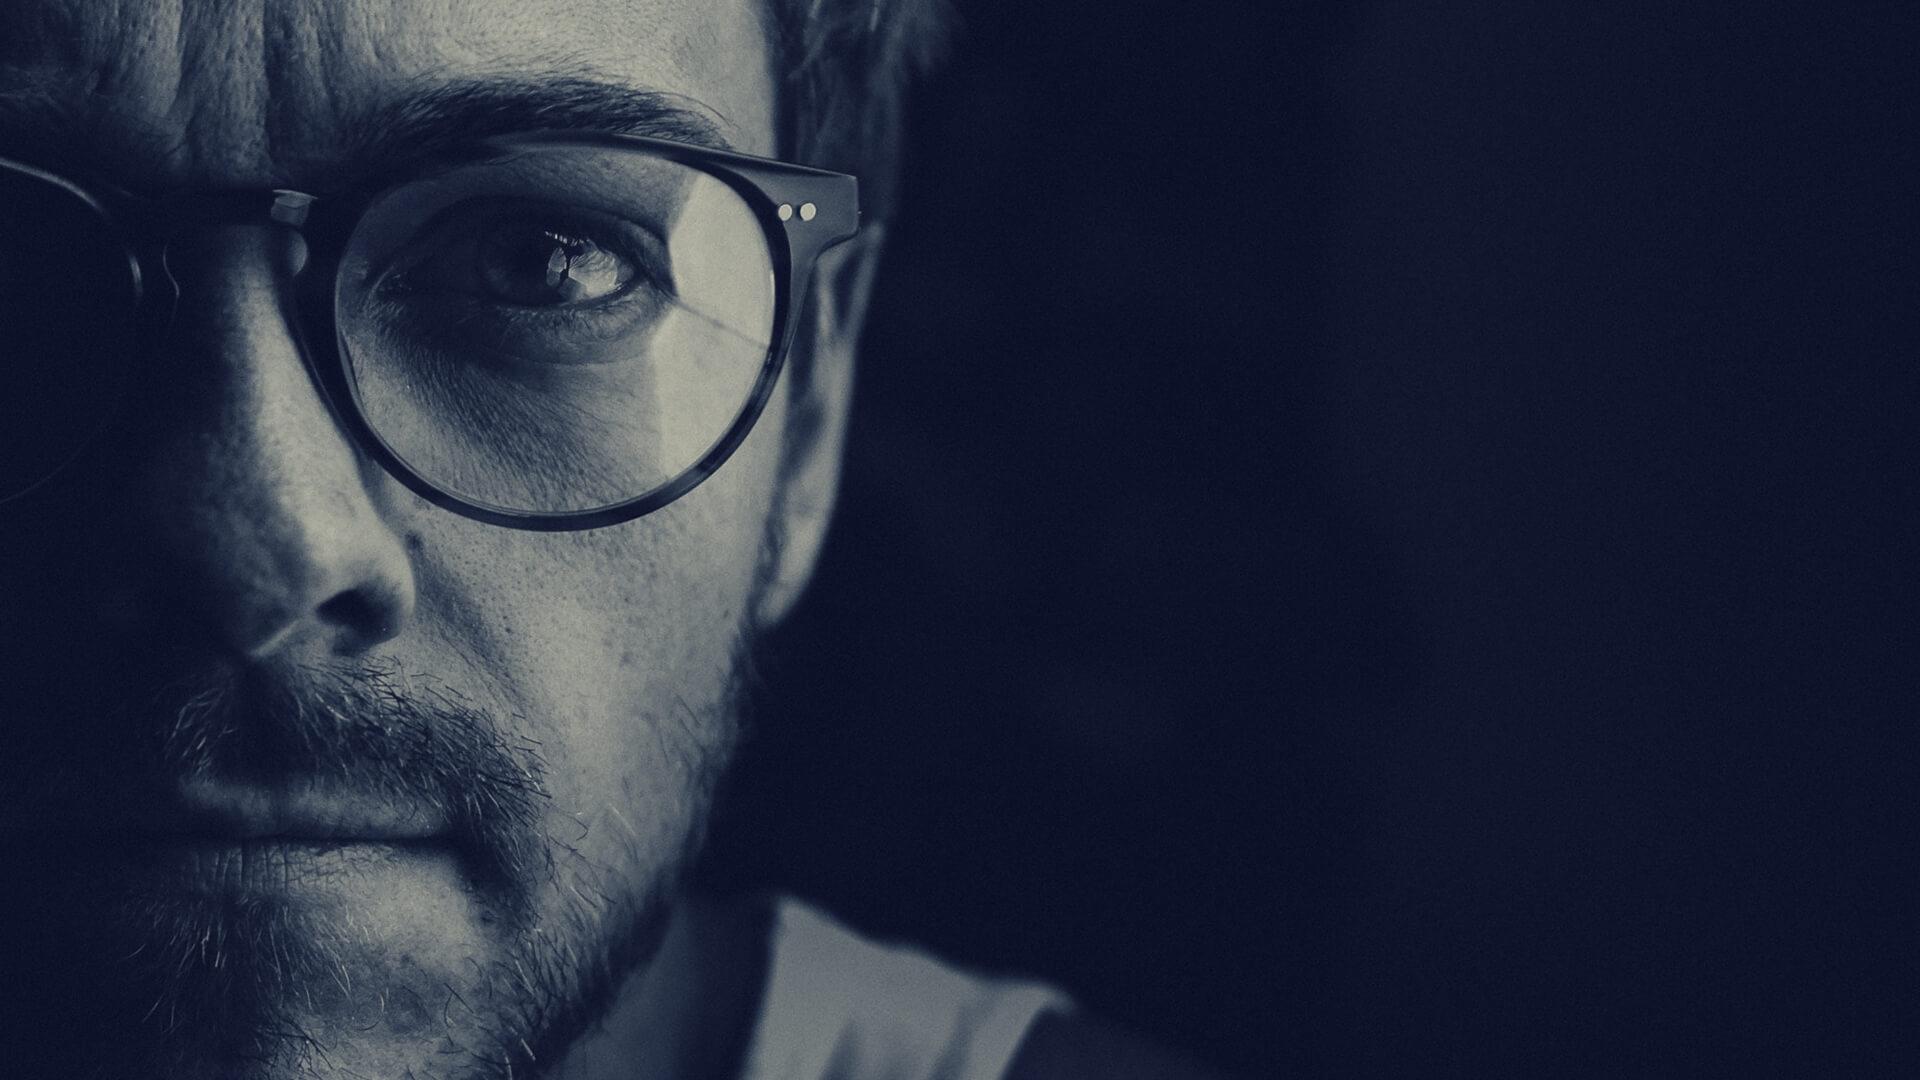 やる気が出ない?男性の更年期「男性ホルモン減少症」の症状と対策